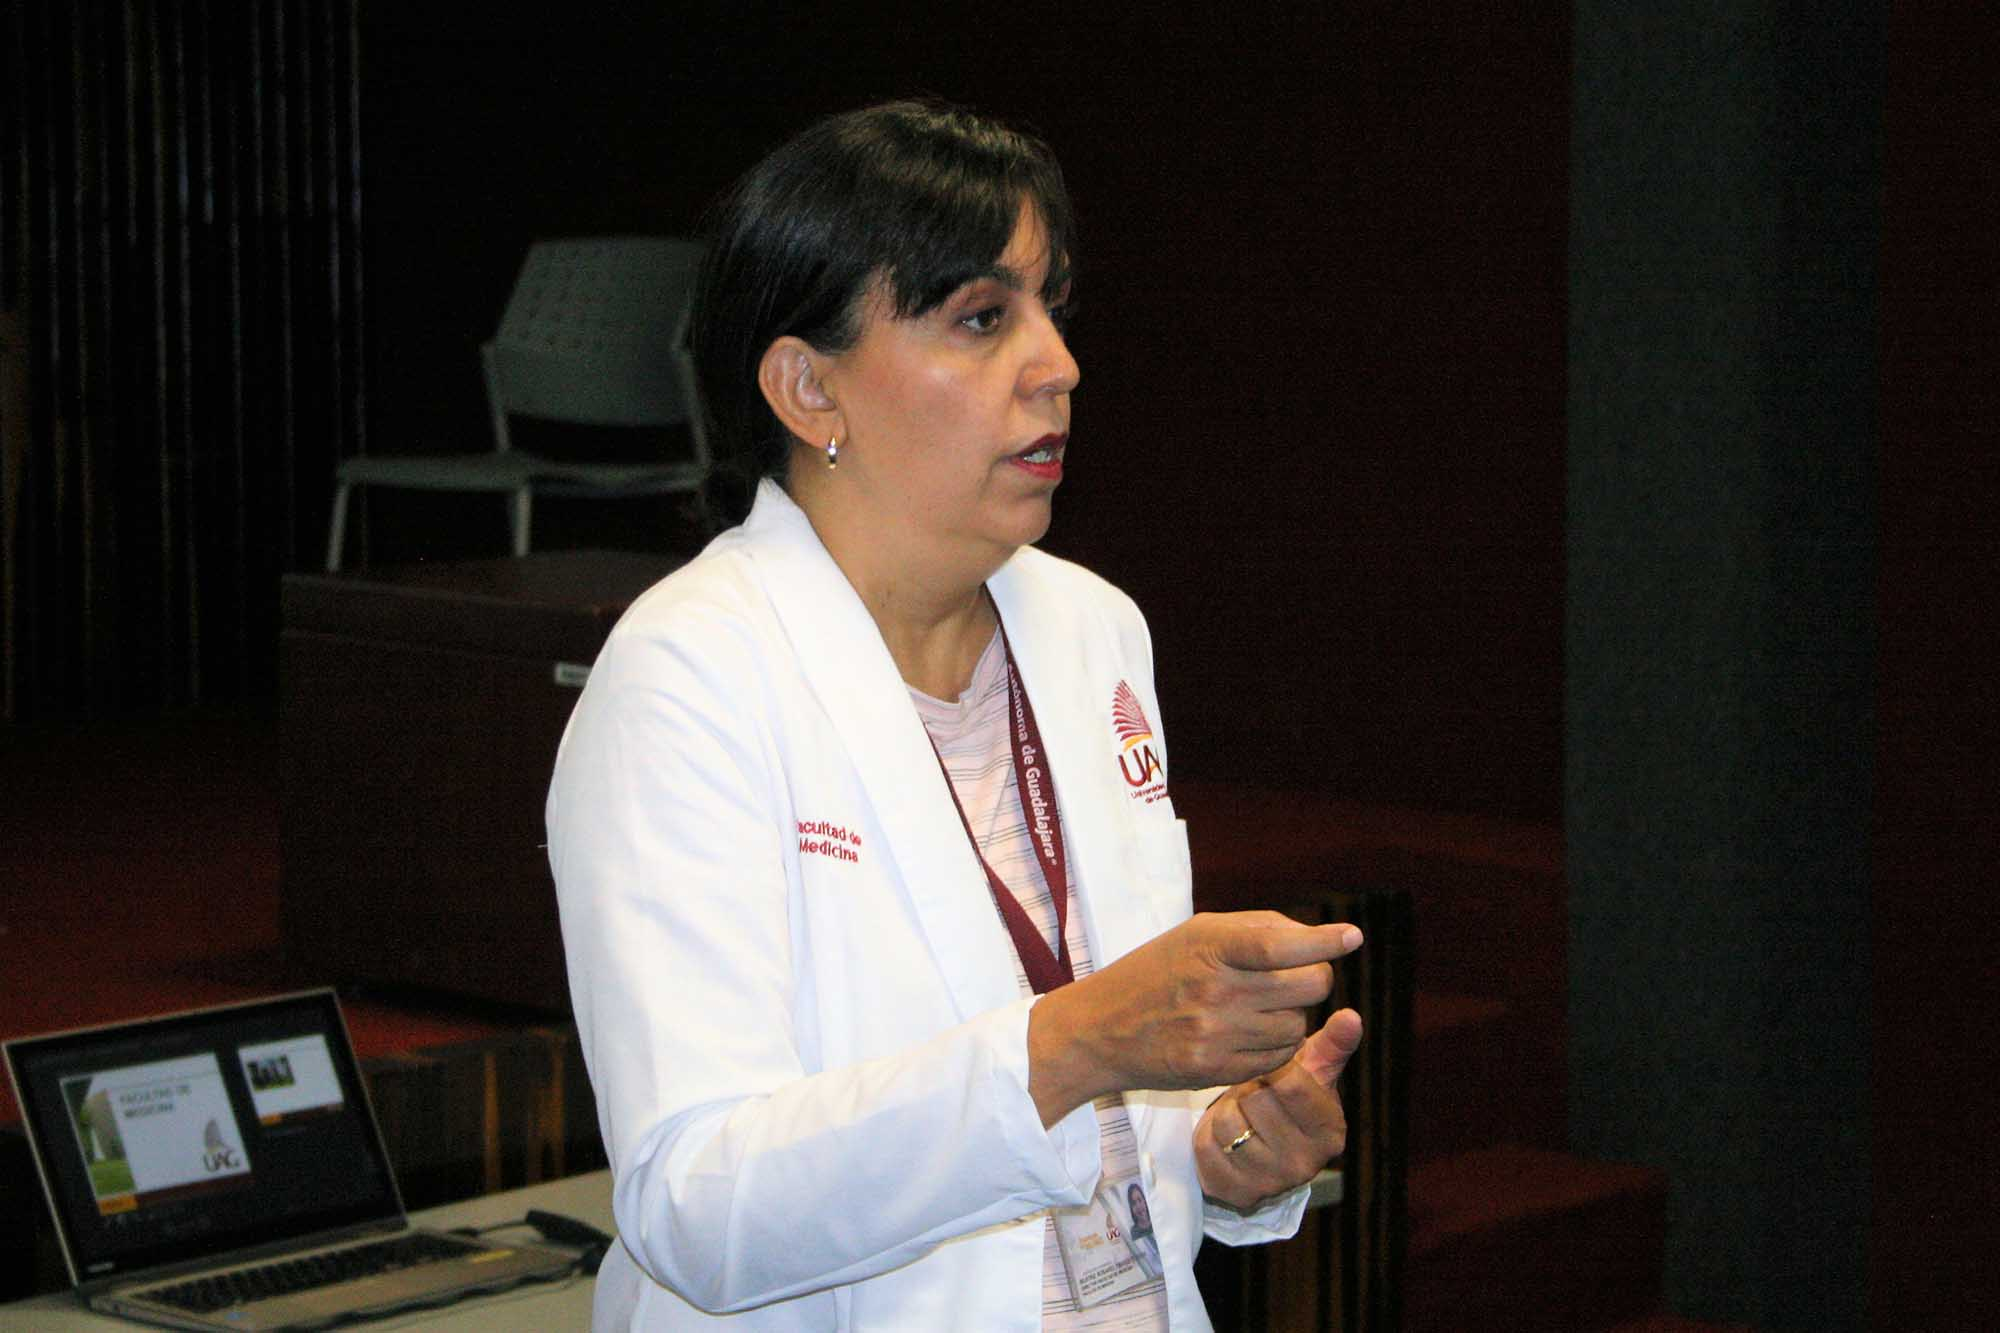 Encuentro medicina 270819